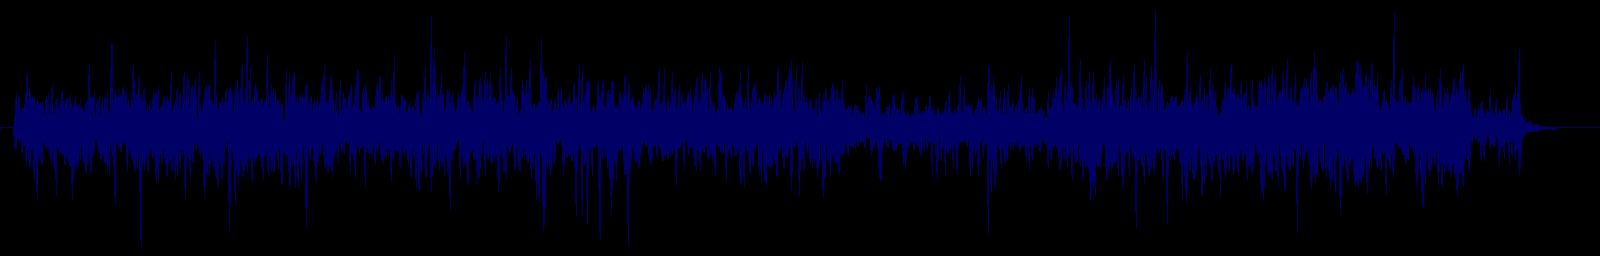 waveform of track #151393